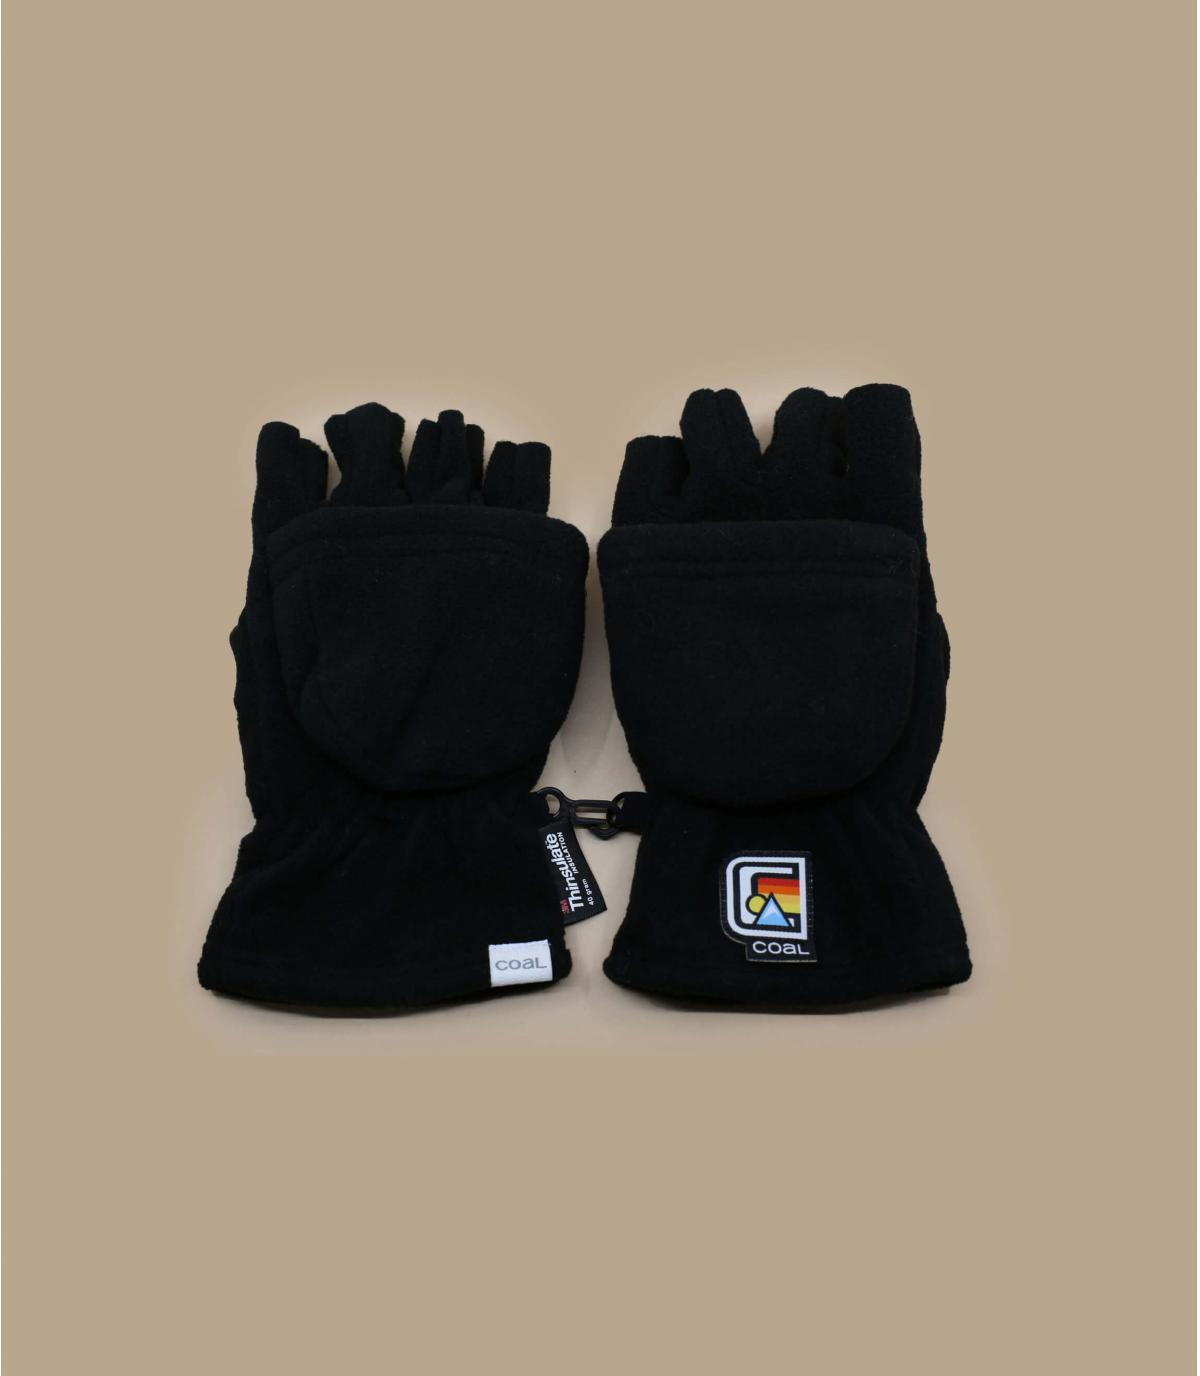 Détails The Wherever Glove black - image 2